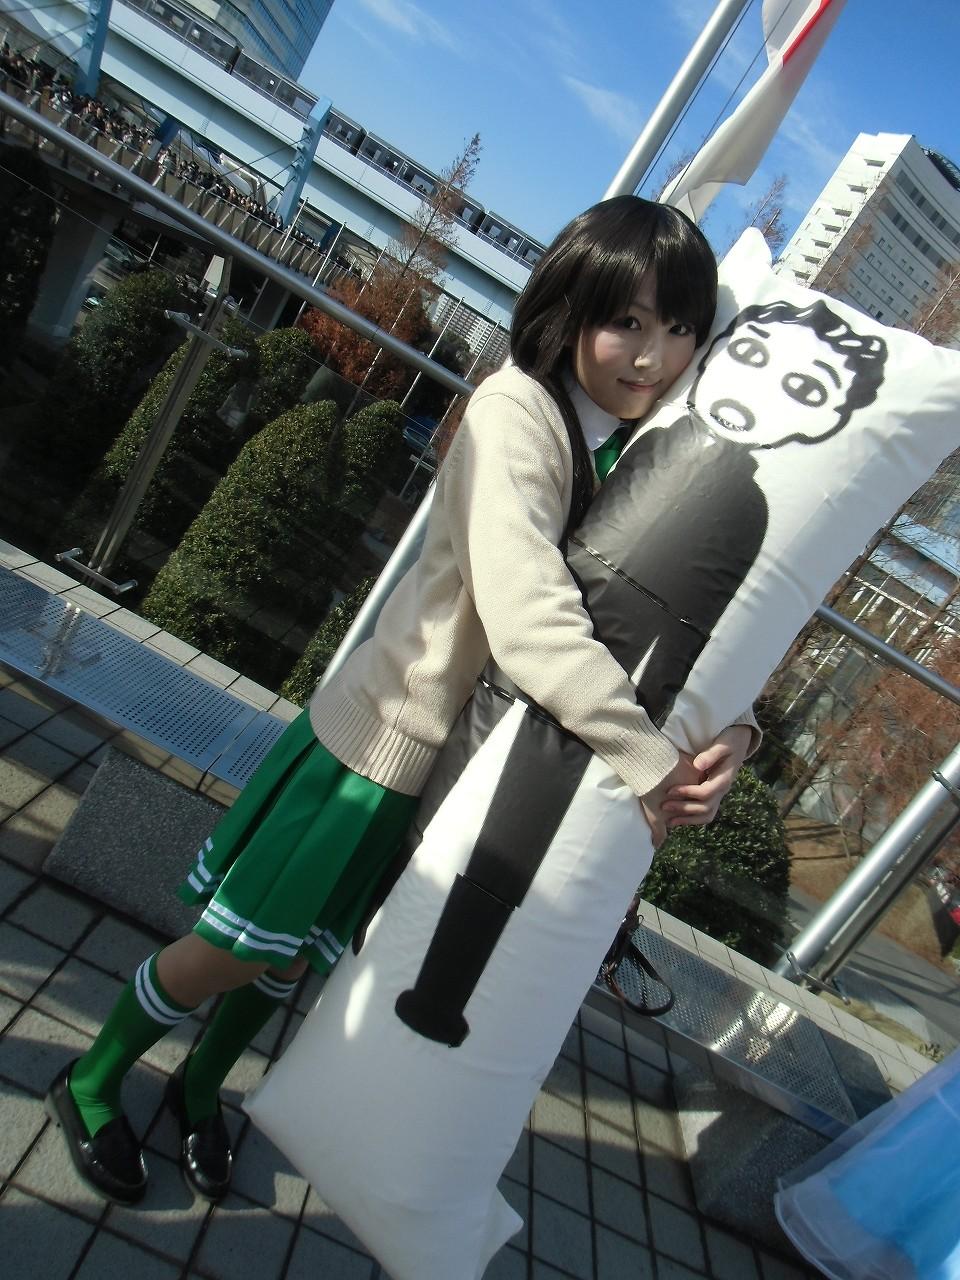 恋愛ラボ 真木 夏緒(まき なつお)マキ ダッキー C85 コミックマーケット コスプレ 01